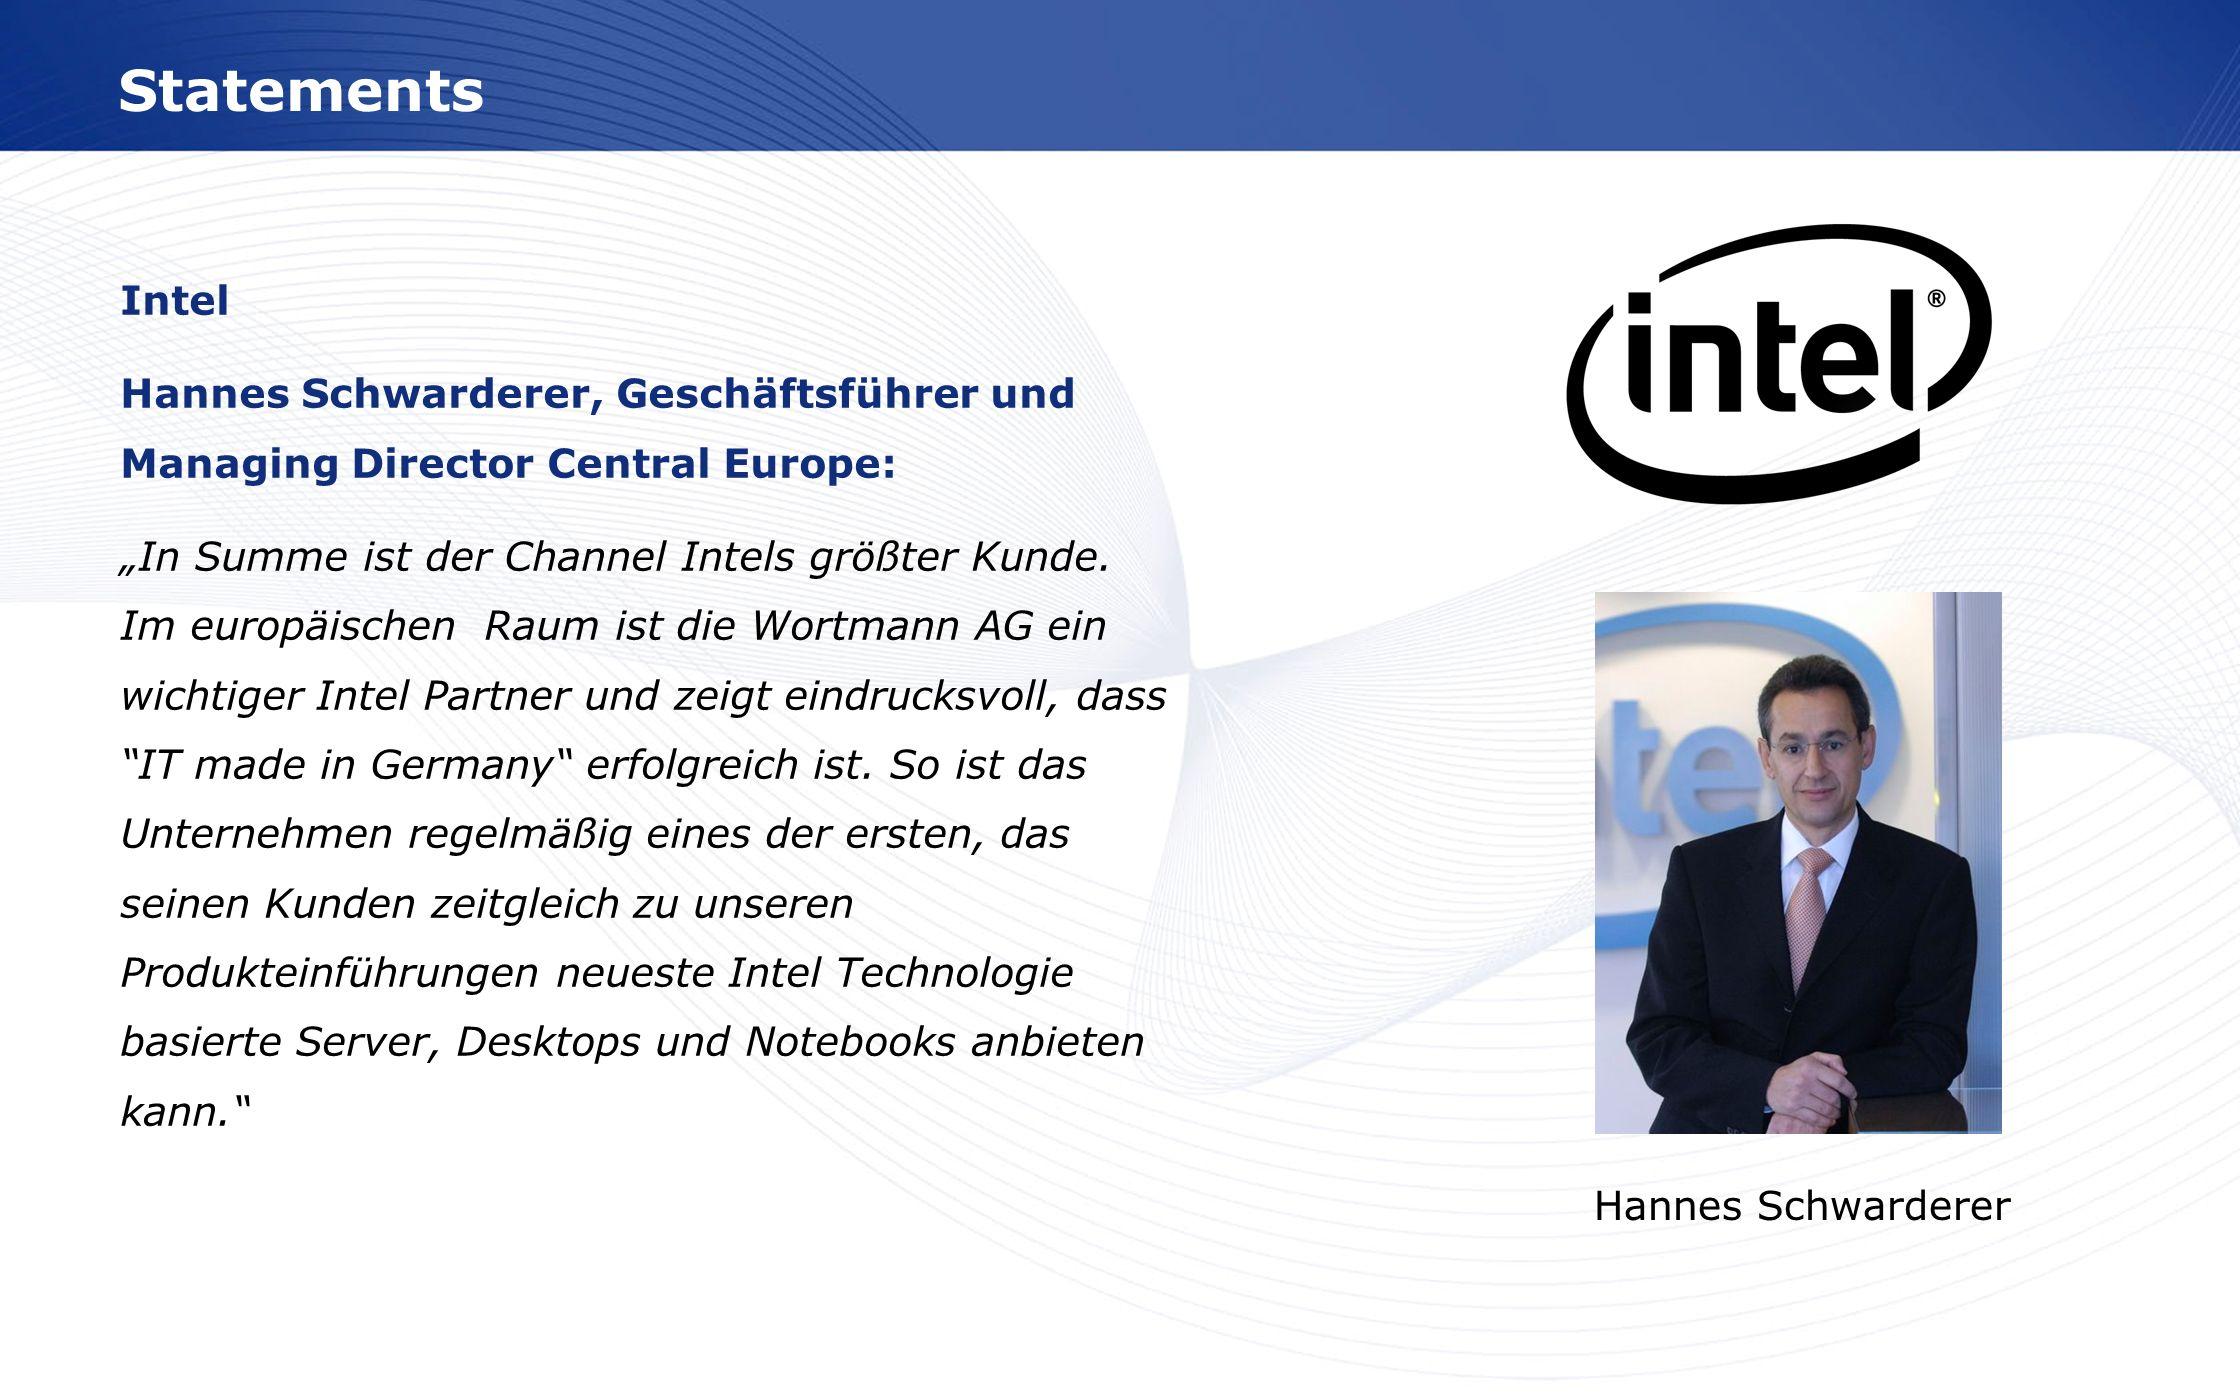 Statements Intel. Hannes Schwarderer, Geschäftsführer und Managing Director Central Europe: